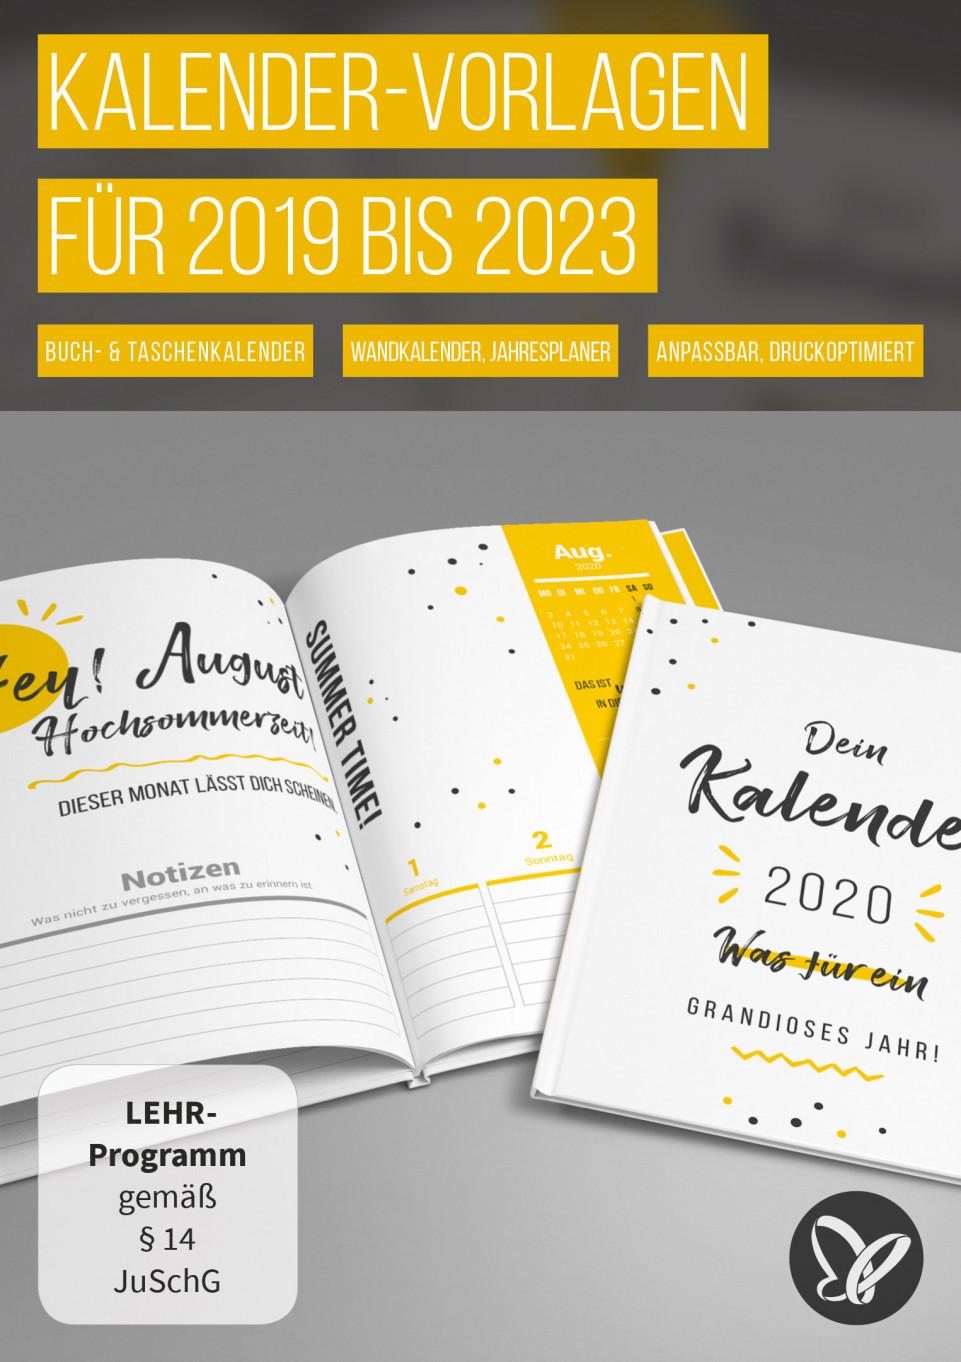 Kalender-Vorlagen 2019/2020/2021 bis 2023: Jahresplaner, Buchkalender und Co.